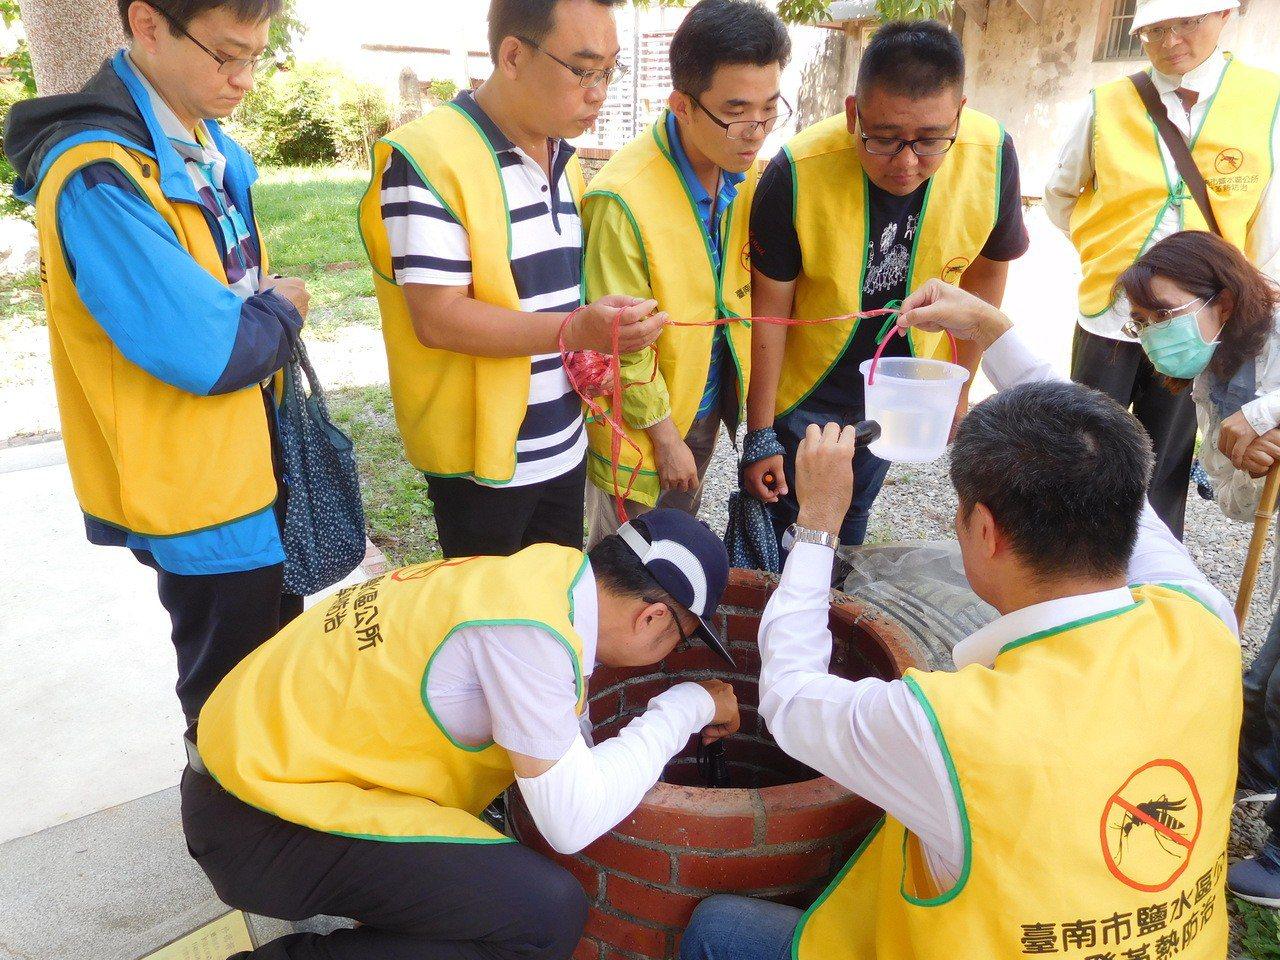 台南市鹽水區公所下午動員檢視古井有無孑子。圖/鹽水區公所提供